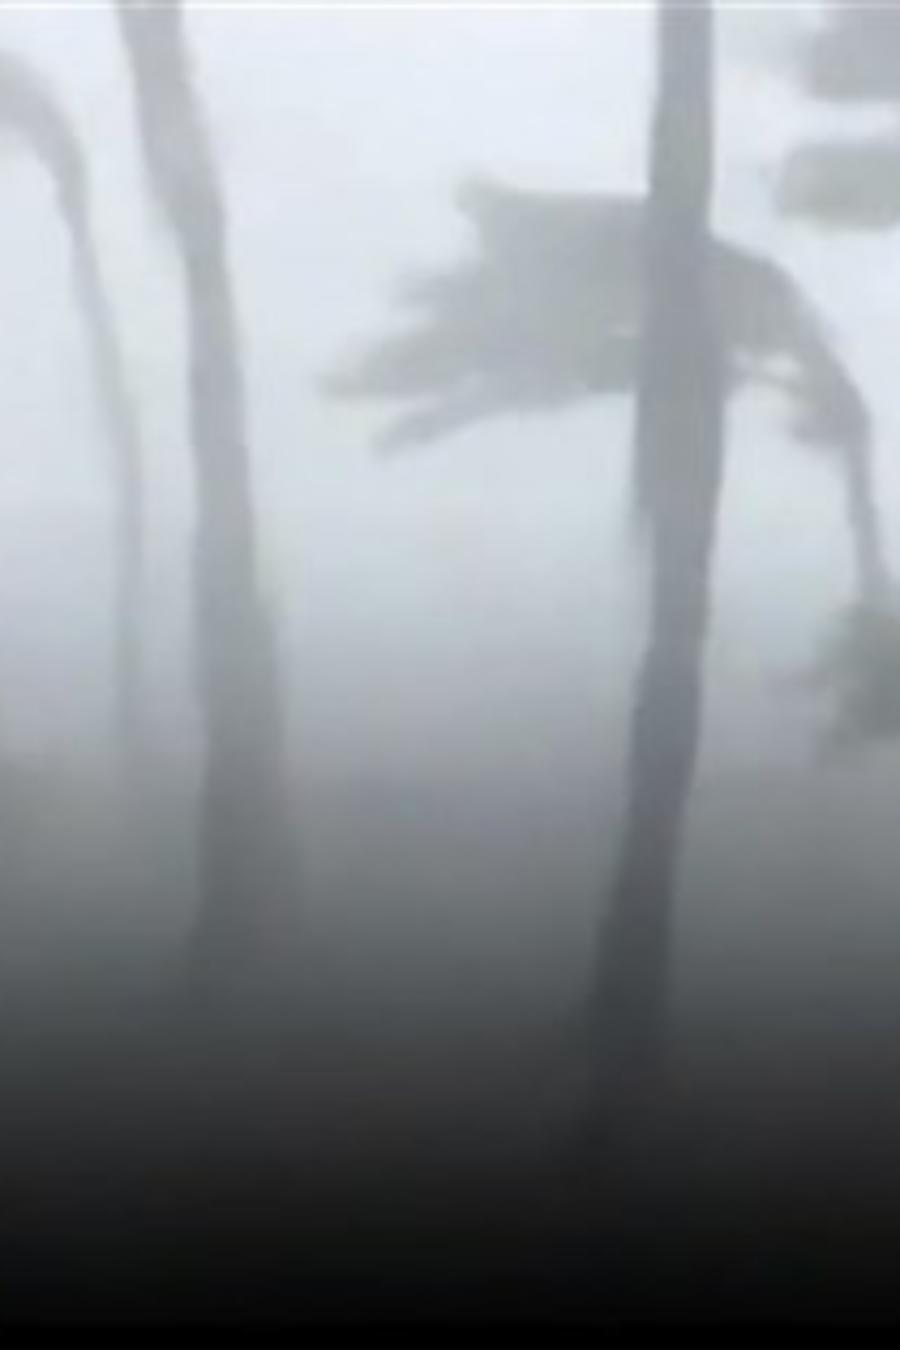 Imagen de las palmeras afuera de la casa dañada por el huracán Dorian